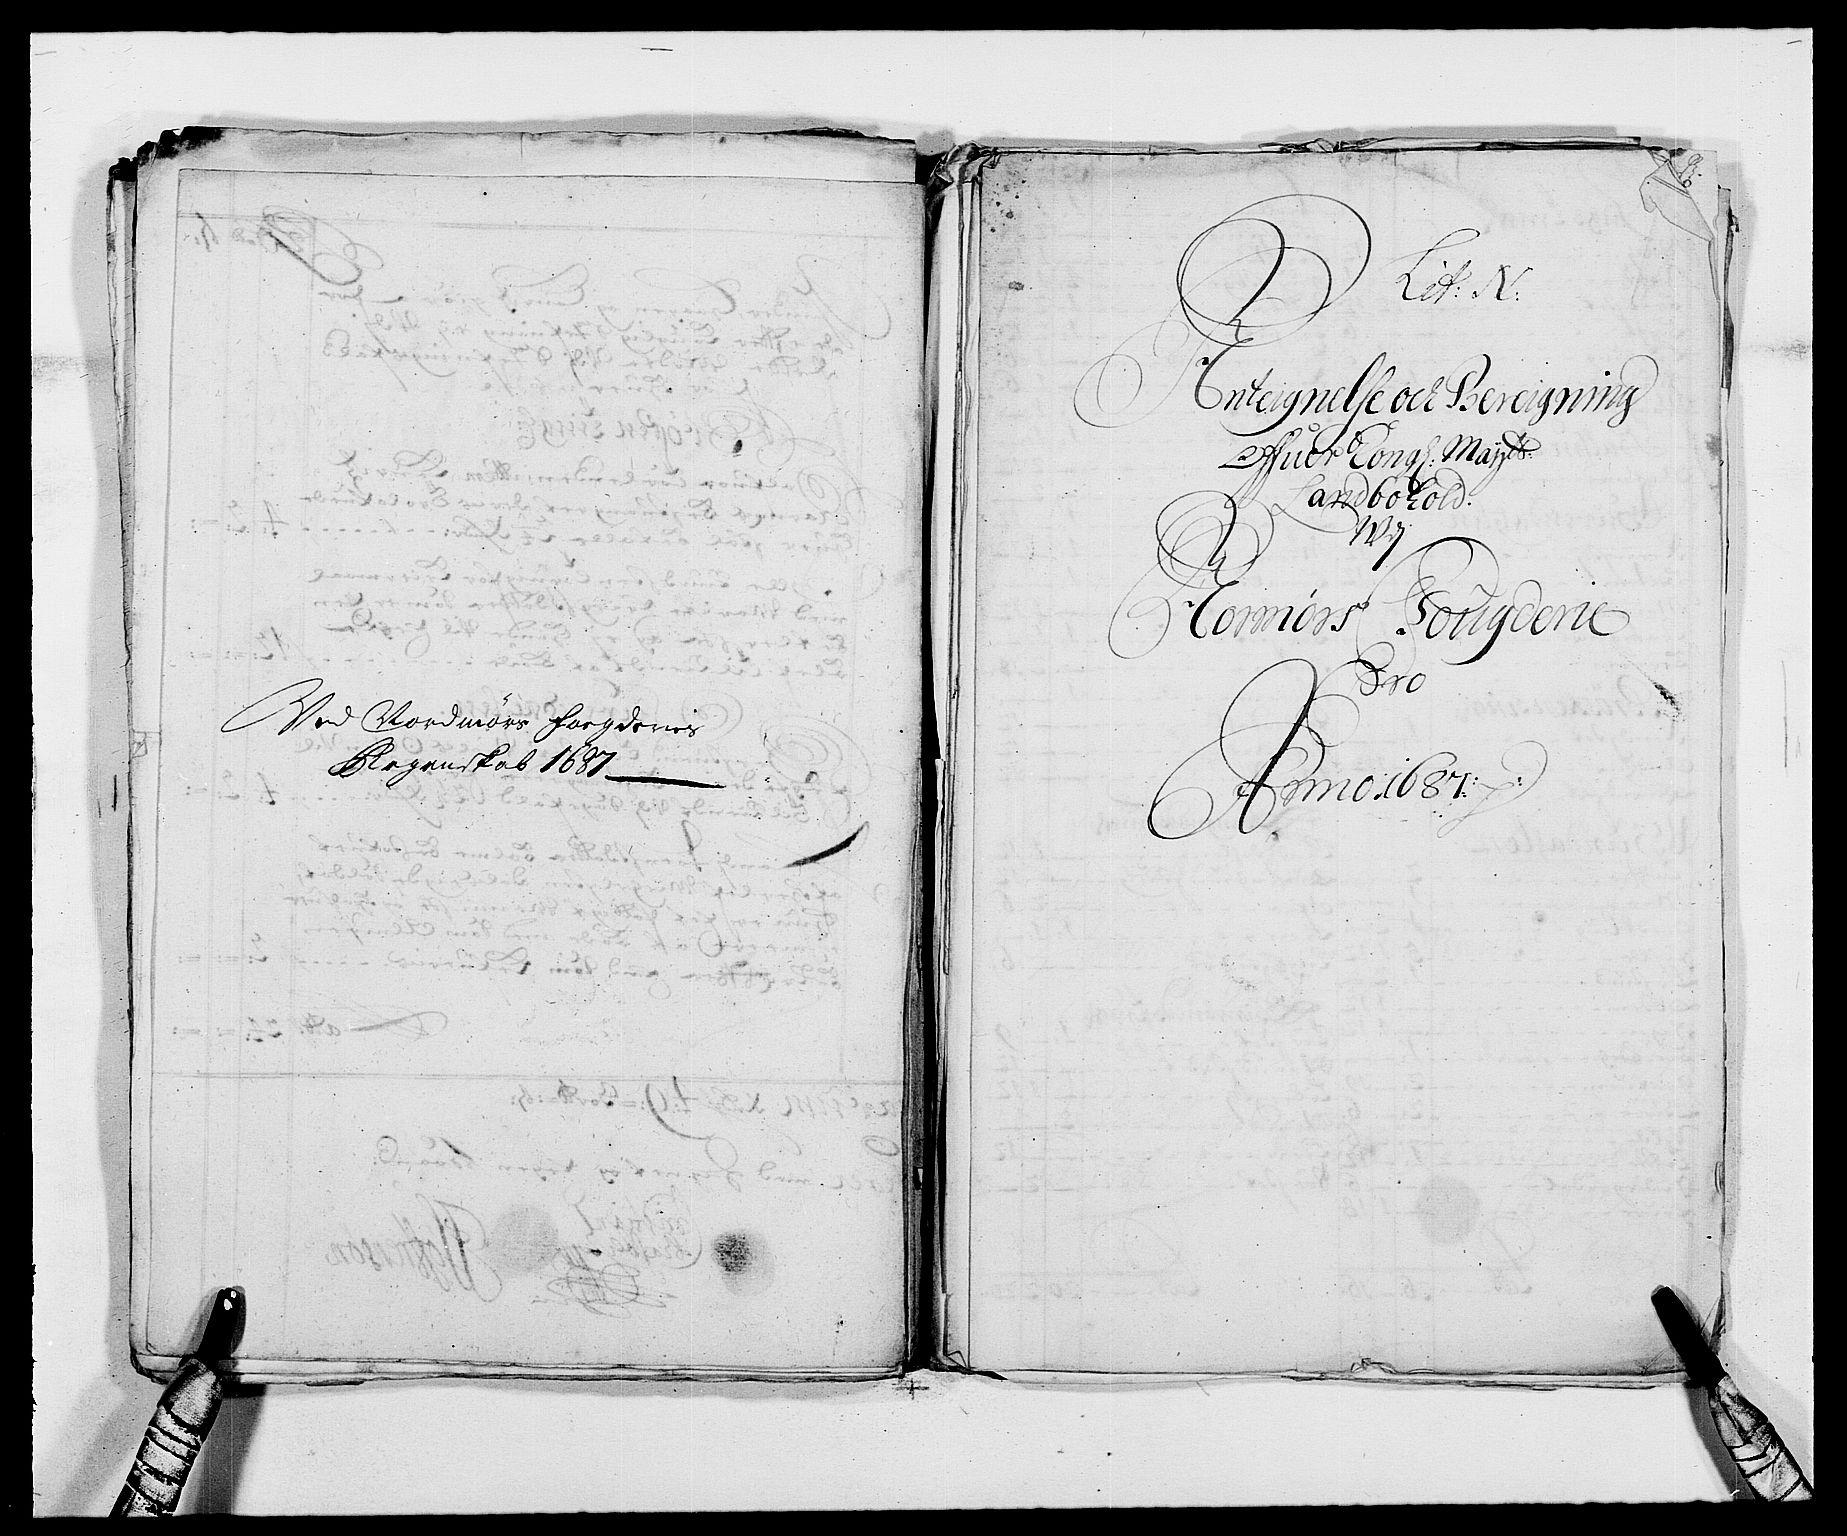 RA, Rentekammeret inntil 1814, Reviderte regnskaper, Fogderegnskap, R56/L3733: Fogderegnskap Nordmøre, 1687-1689, s. 114